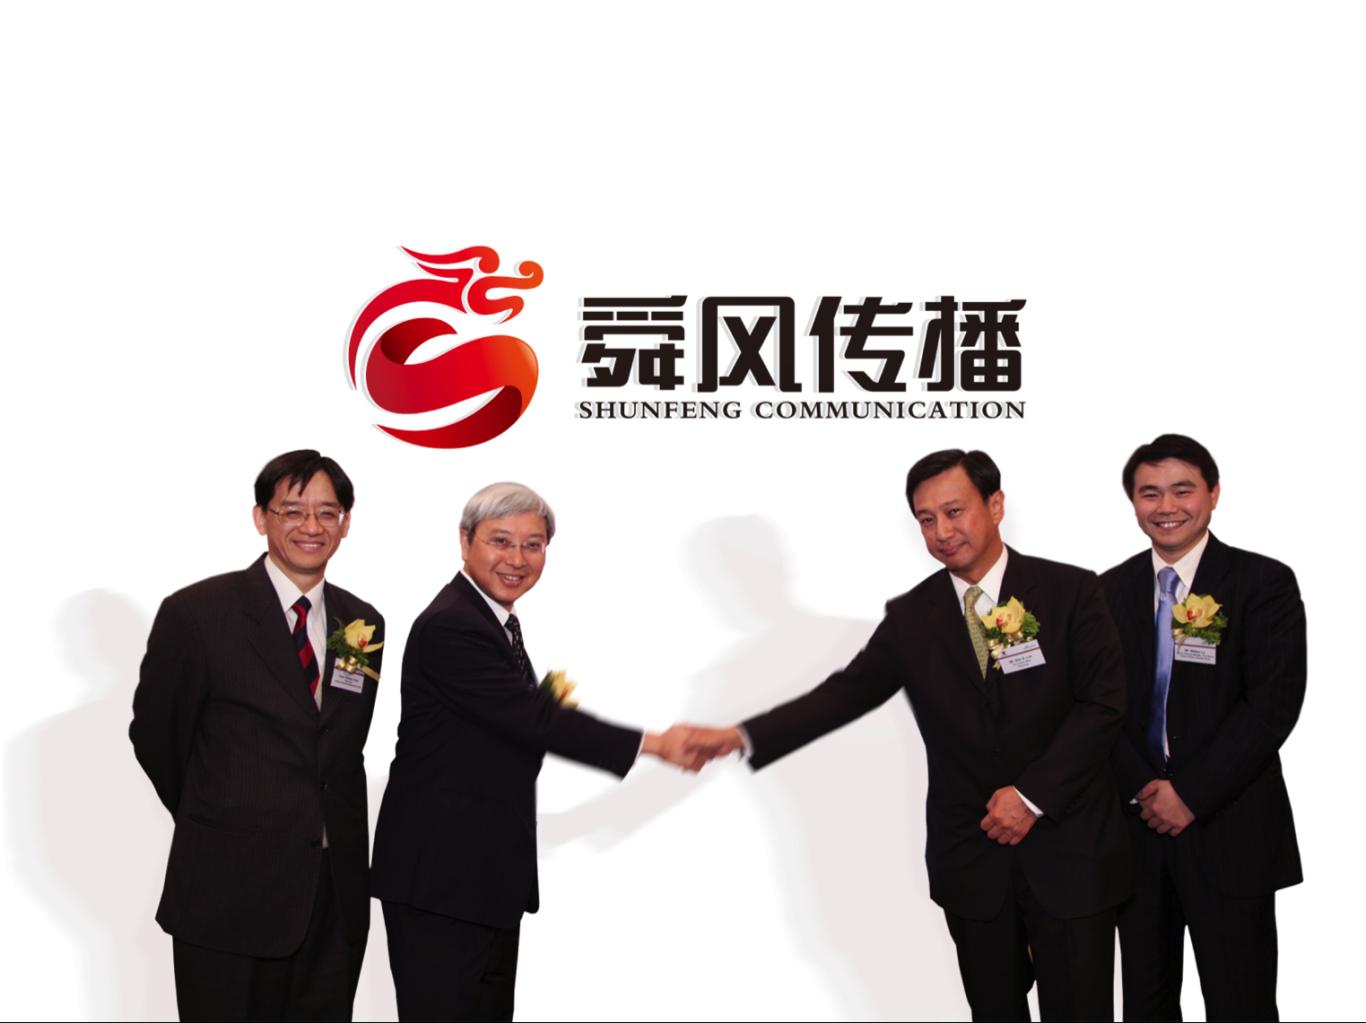 舜风传播 品牌logo设计图2